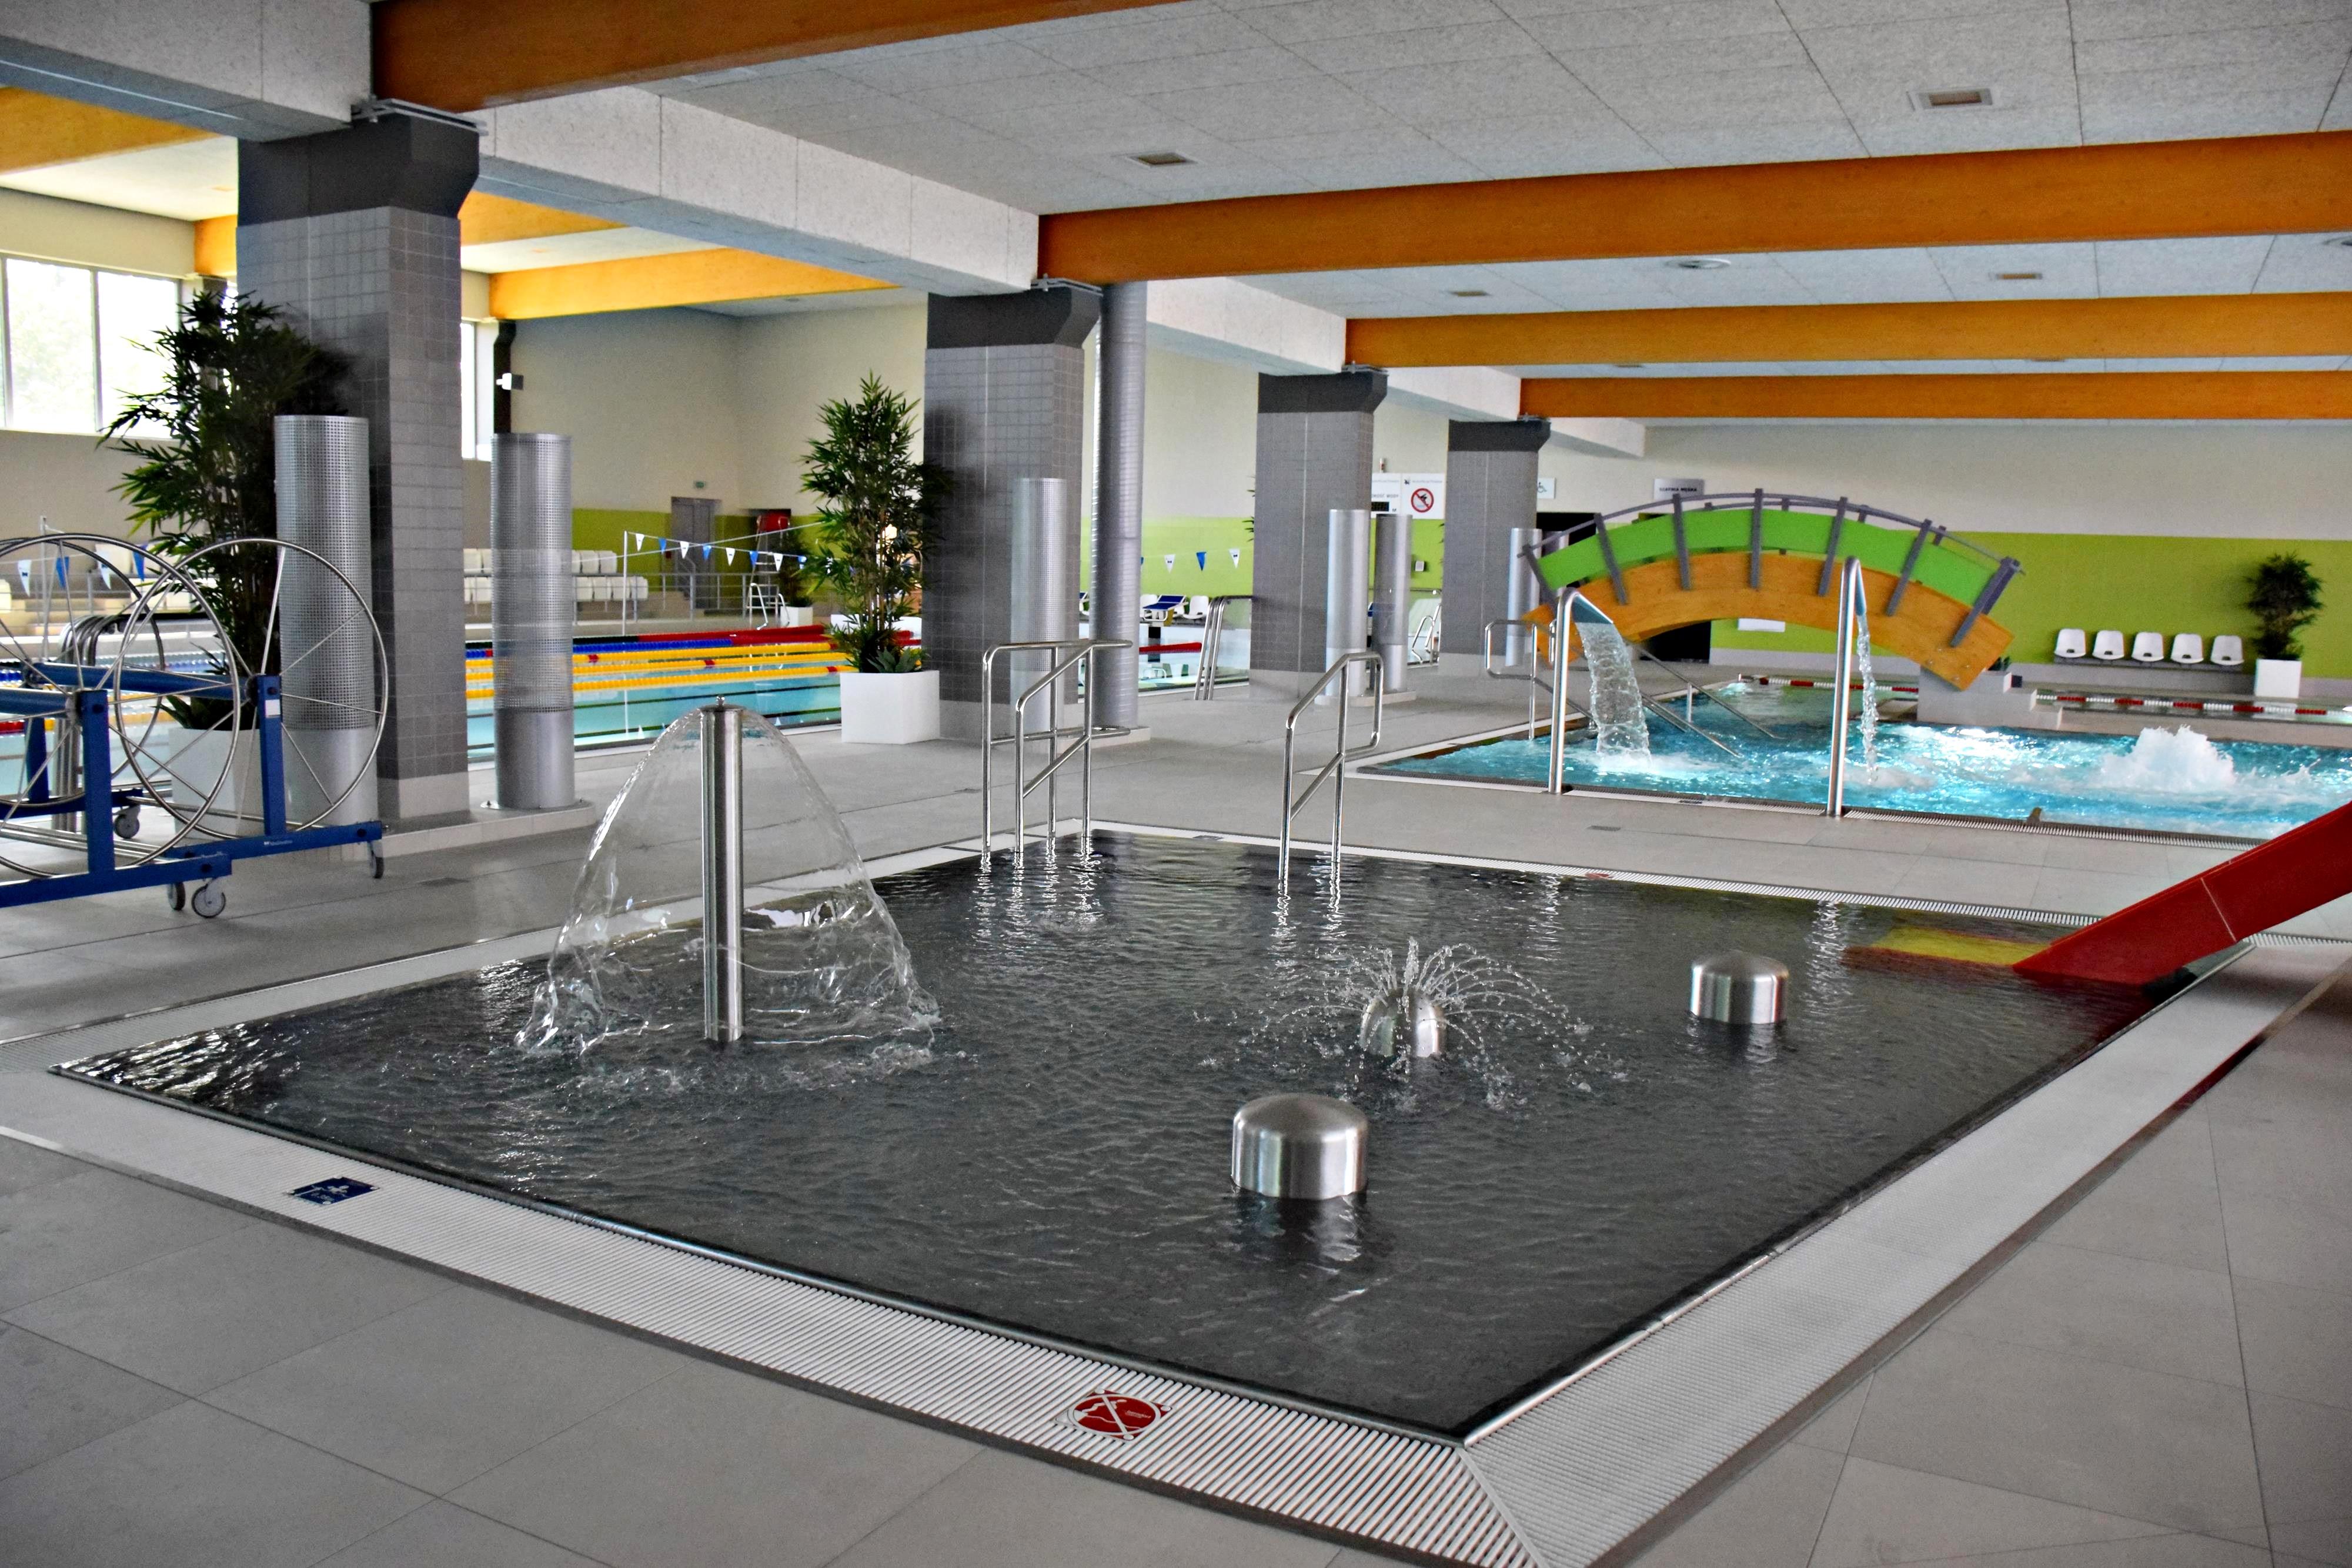 Mecze bez publiczności, zamknięte baseny, odwołane imprezy [AKTUALIZACJA]